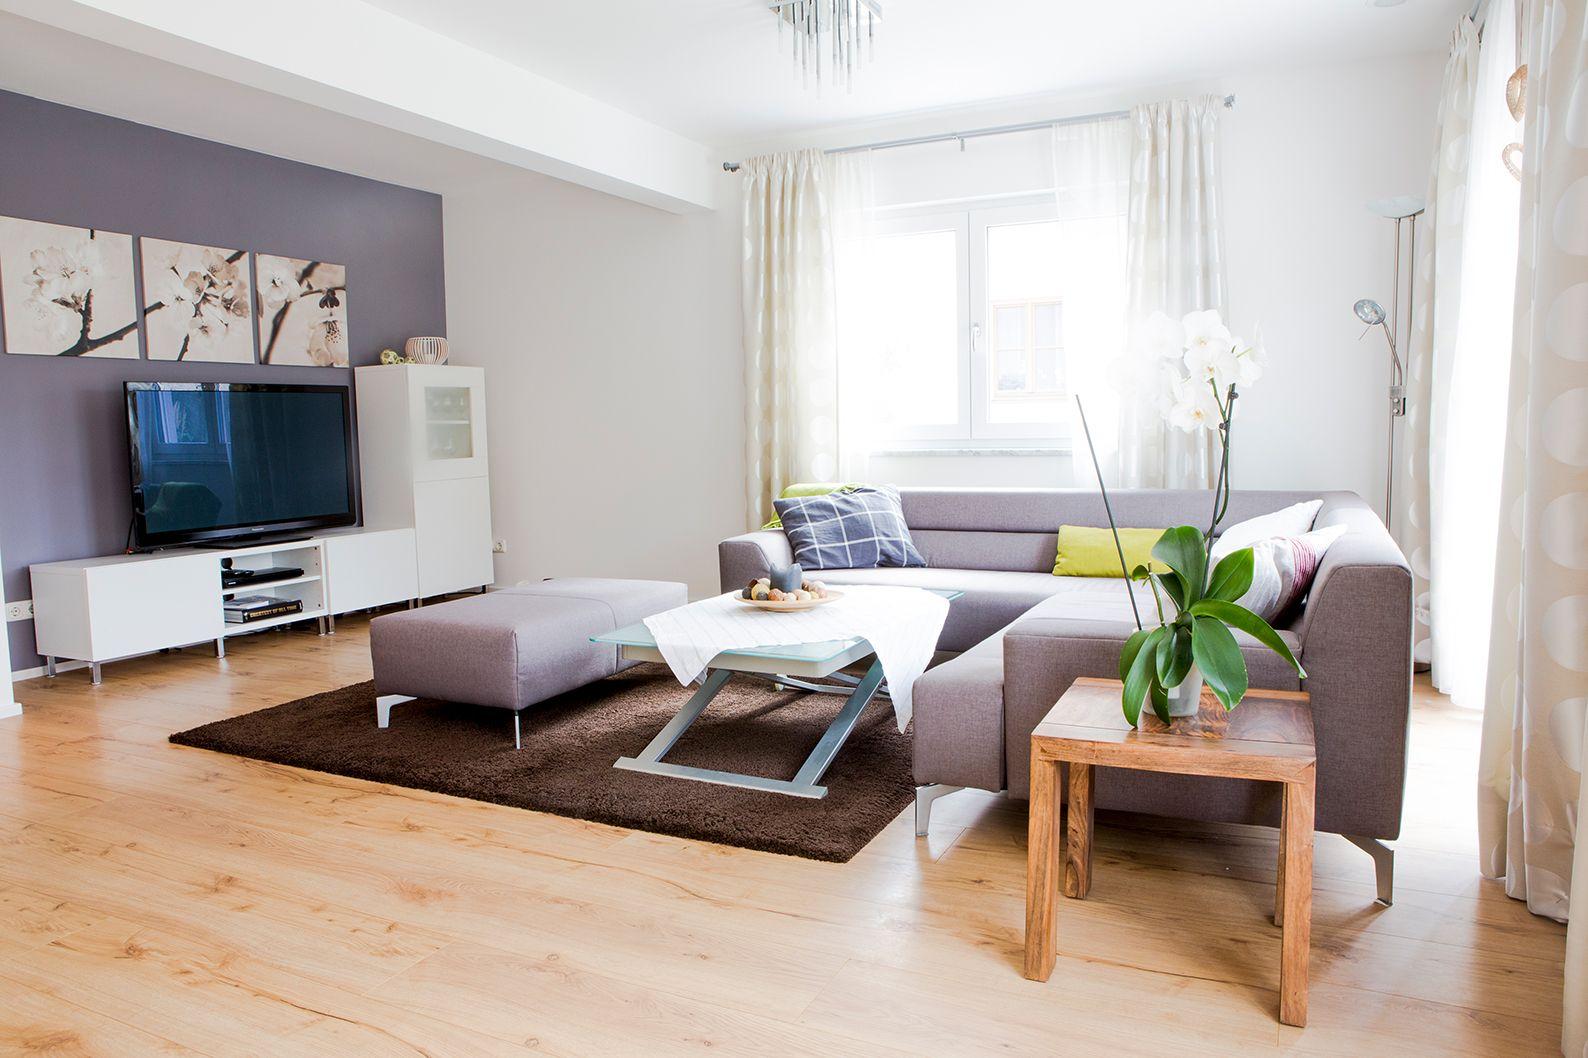 Haus Armeria FischerHaus Fertighaus Wohnzimmer #Wohnzimmer #Sofa #modern  #hell #Licht #